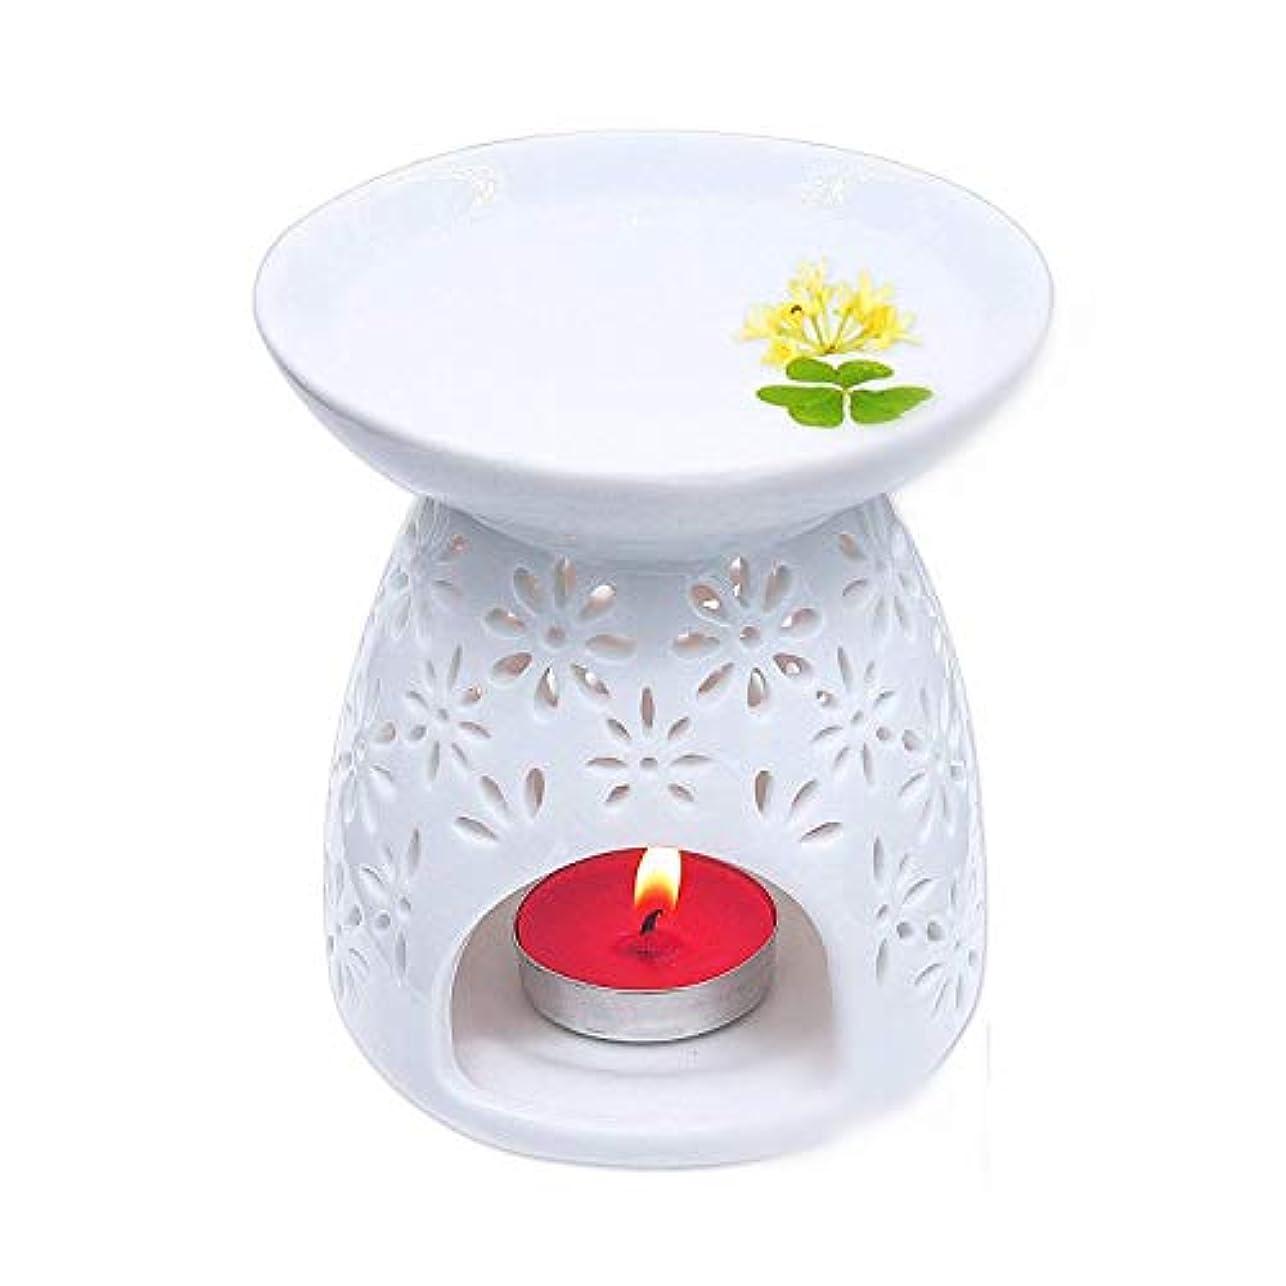 事前にアーサー化学者Pursue 茶香炉 アロマ炉 香炉 陶器 精油 香炉置物 薫香 インテリア アロマディフューザー 中空の彫刻工 消臭と癒し おしゃれ